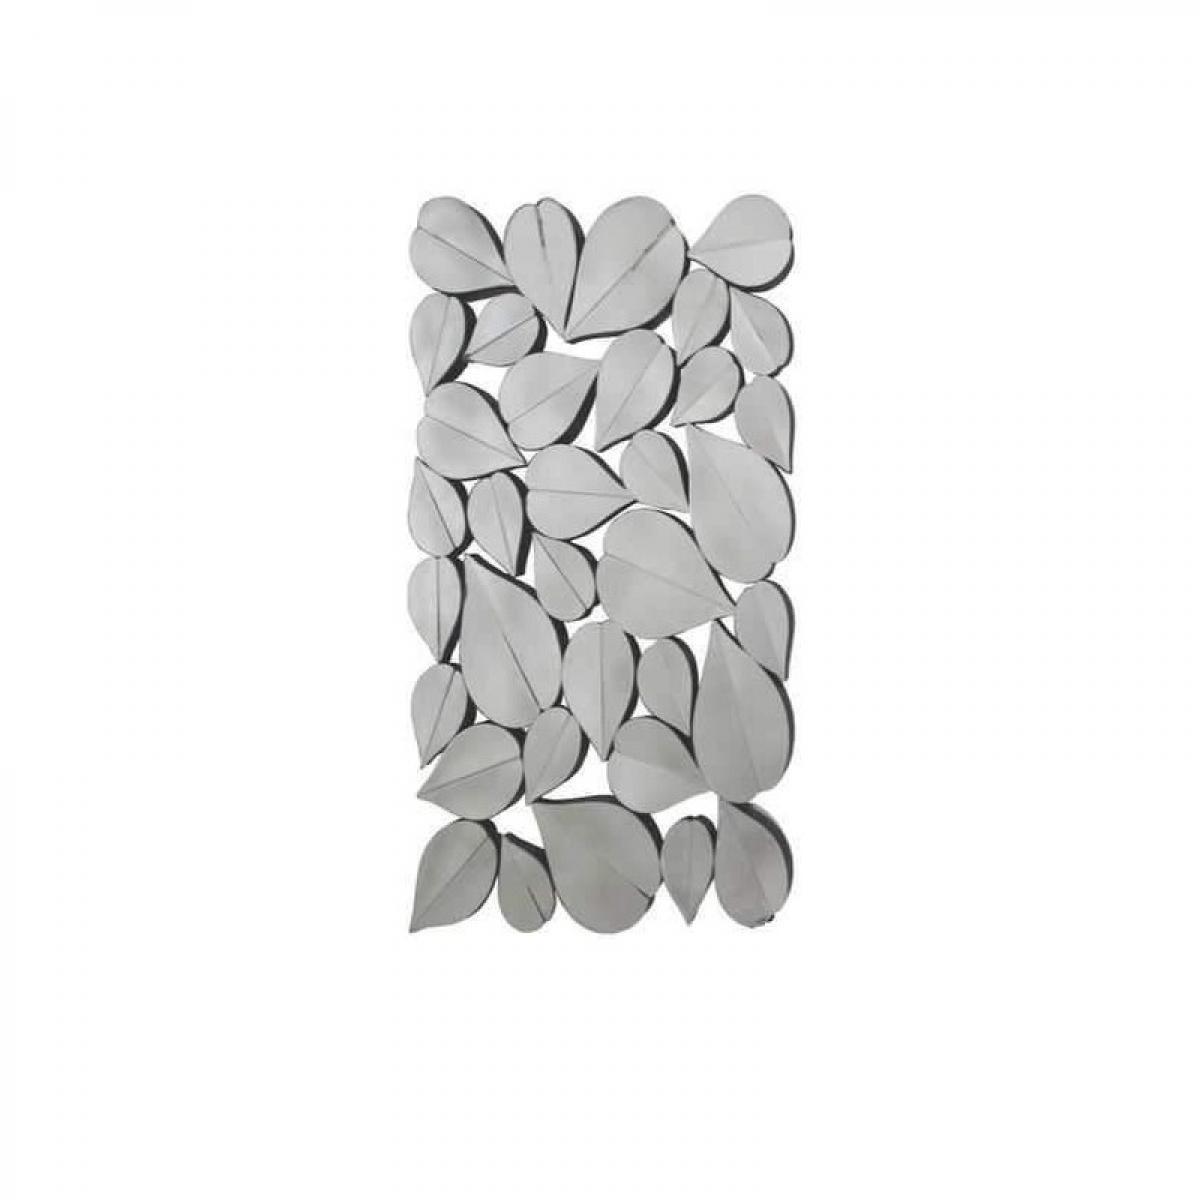 Meubler Design Miroir Décoratif design Flower